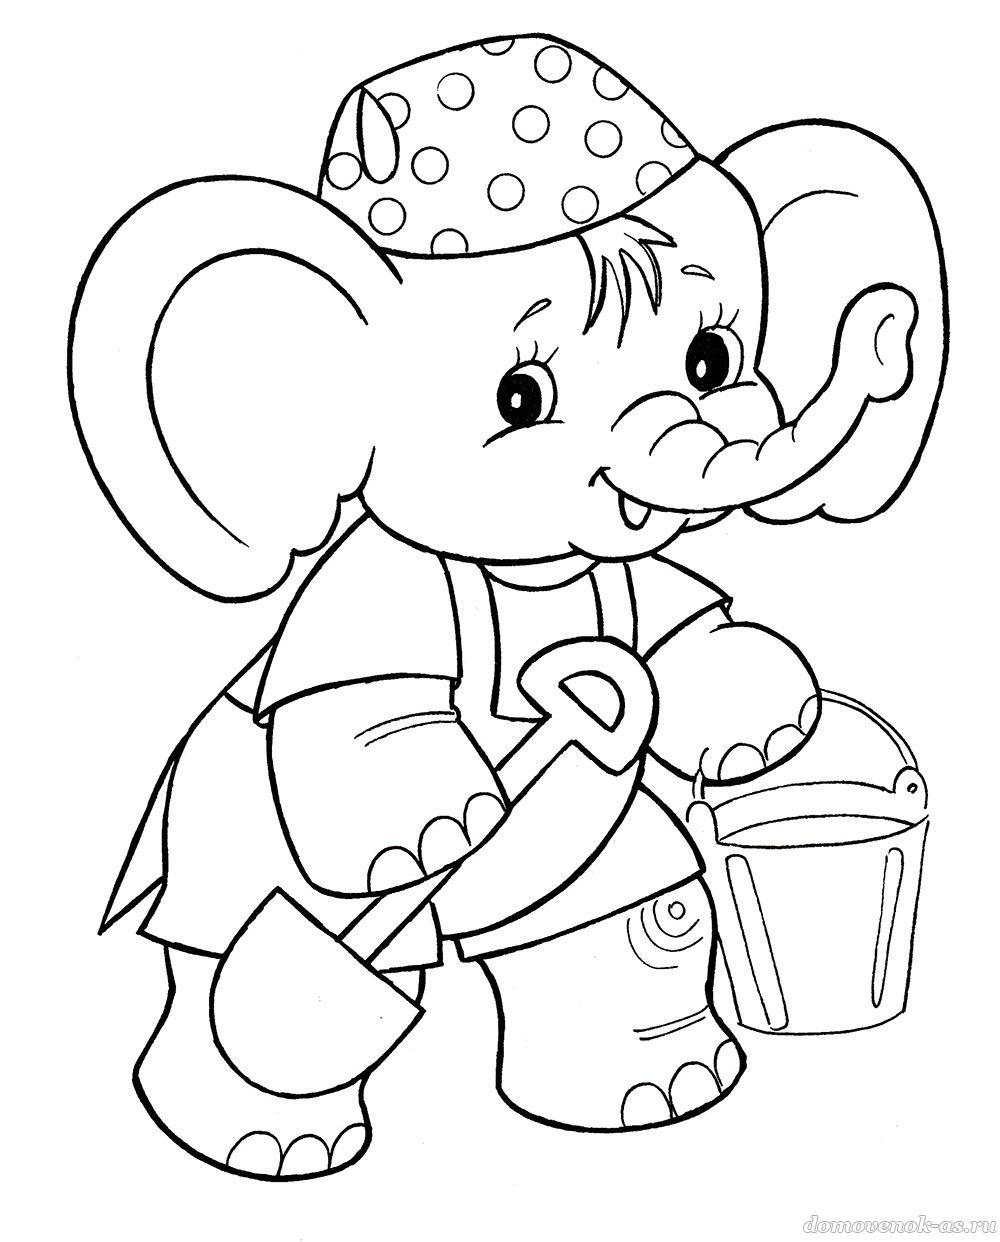 Раскраска для детей 4-6 лет. Слонёнок